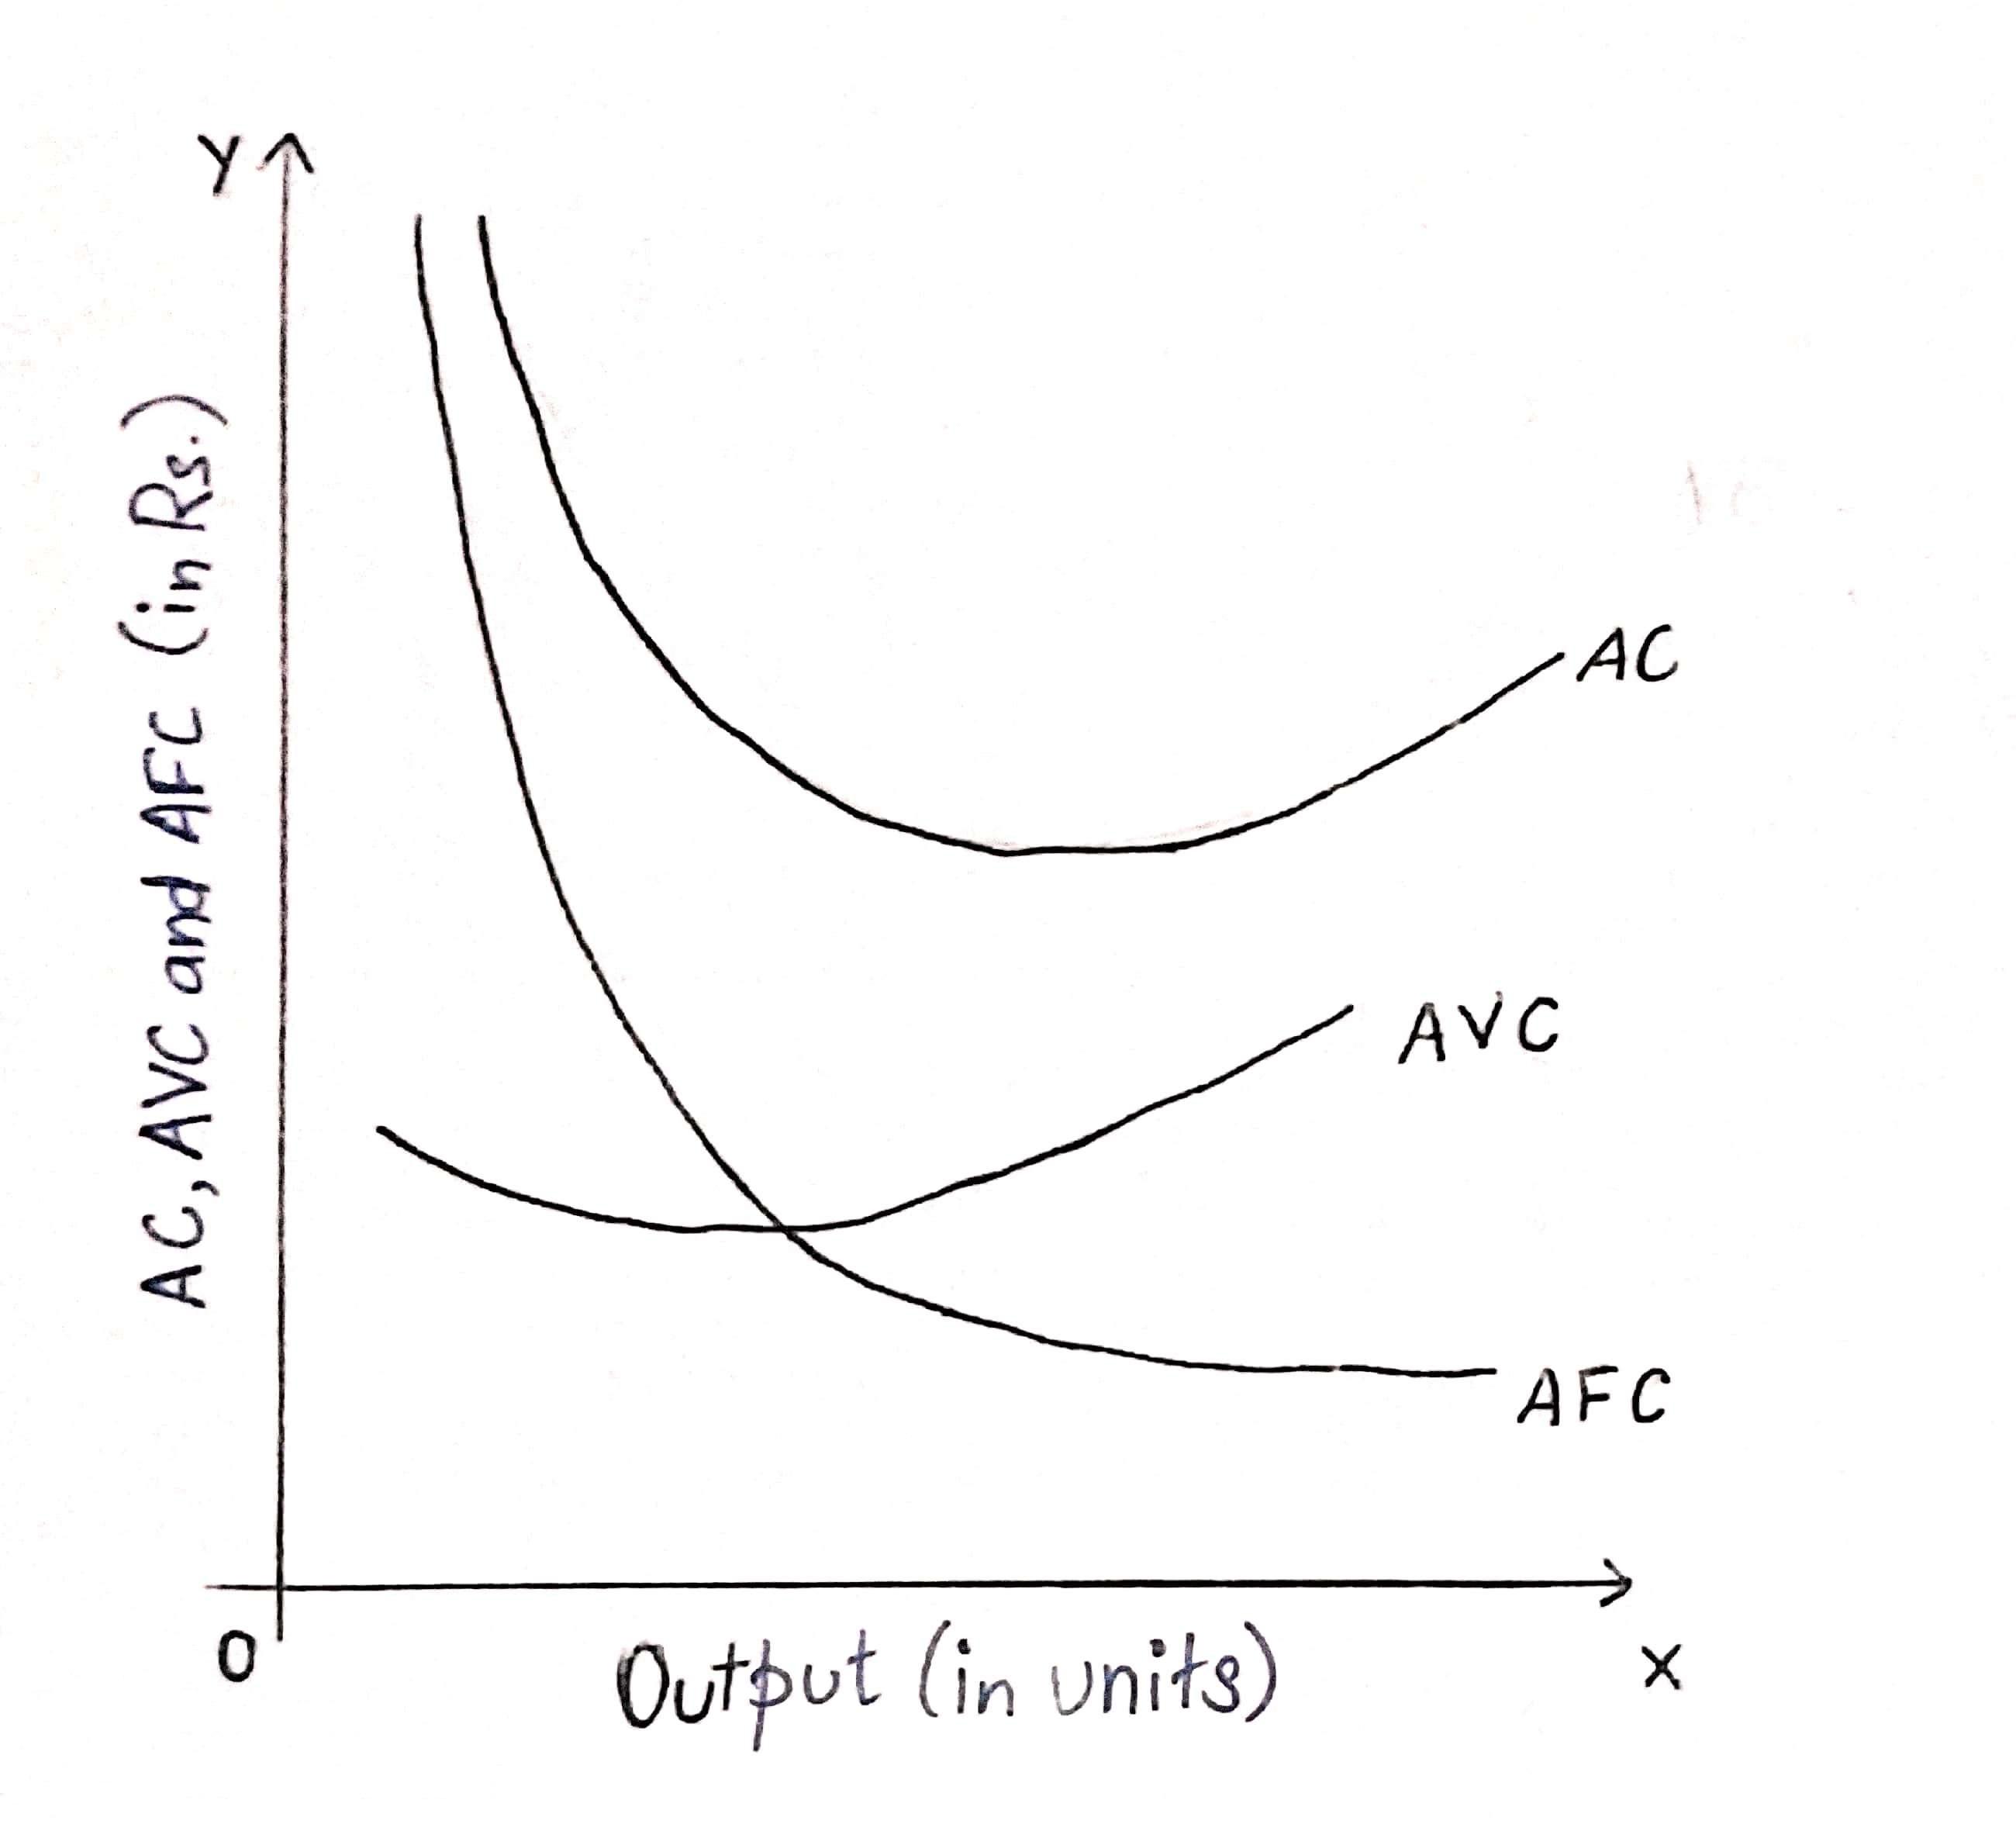 Short run cost graph 3